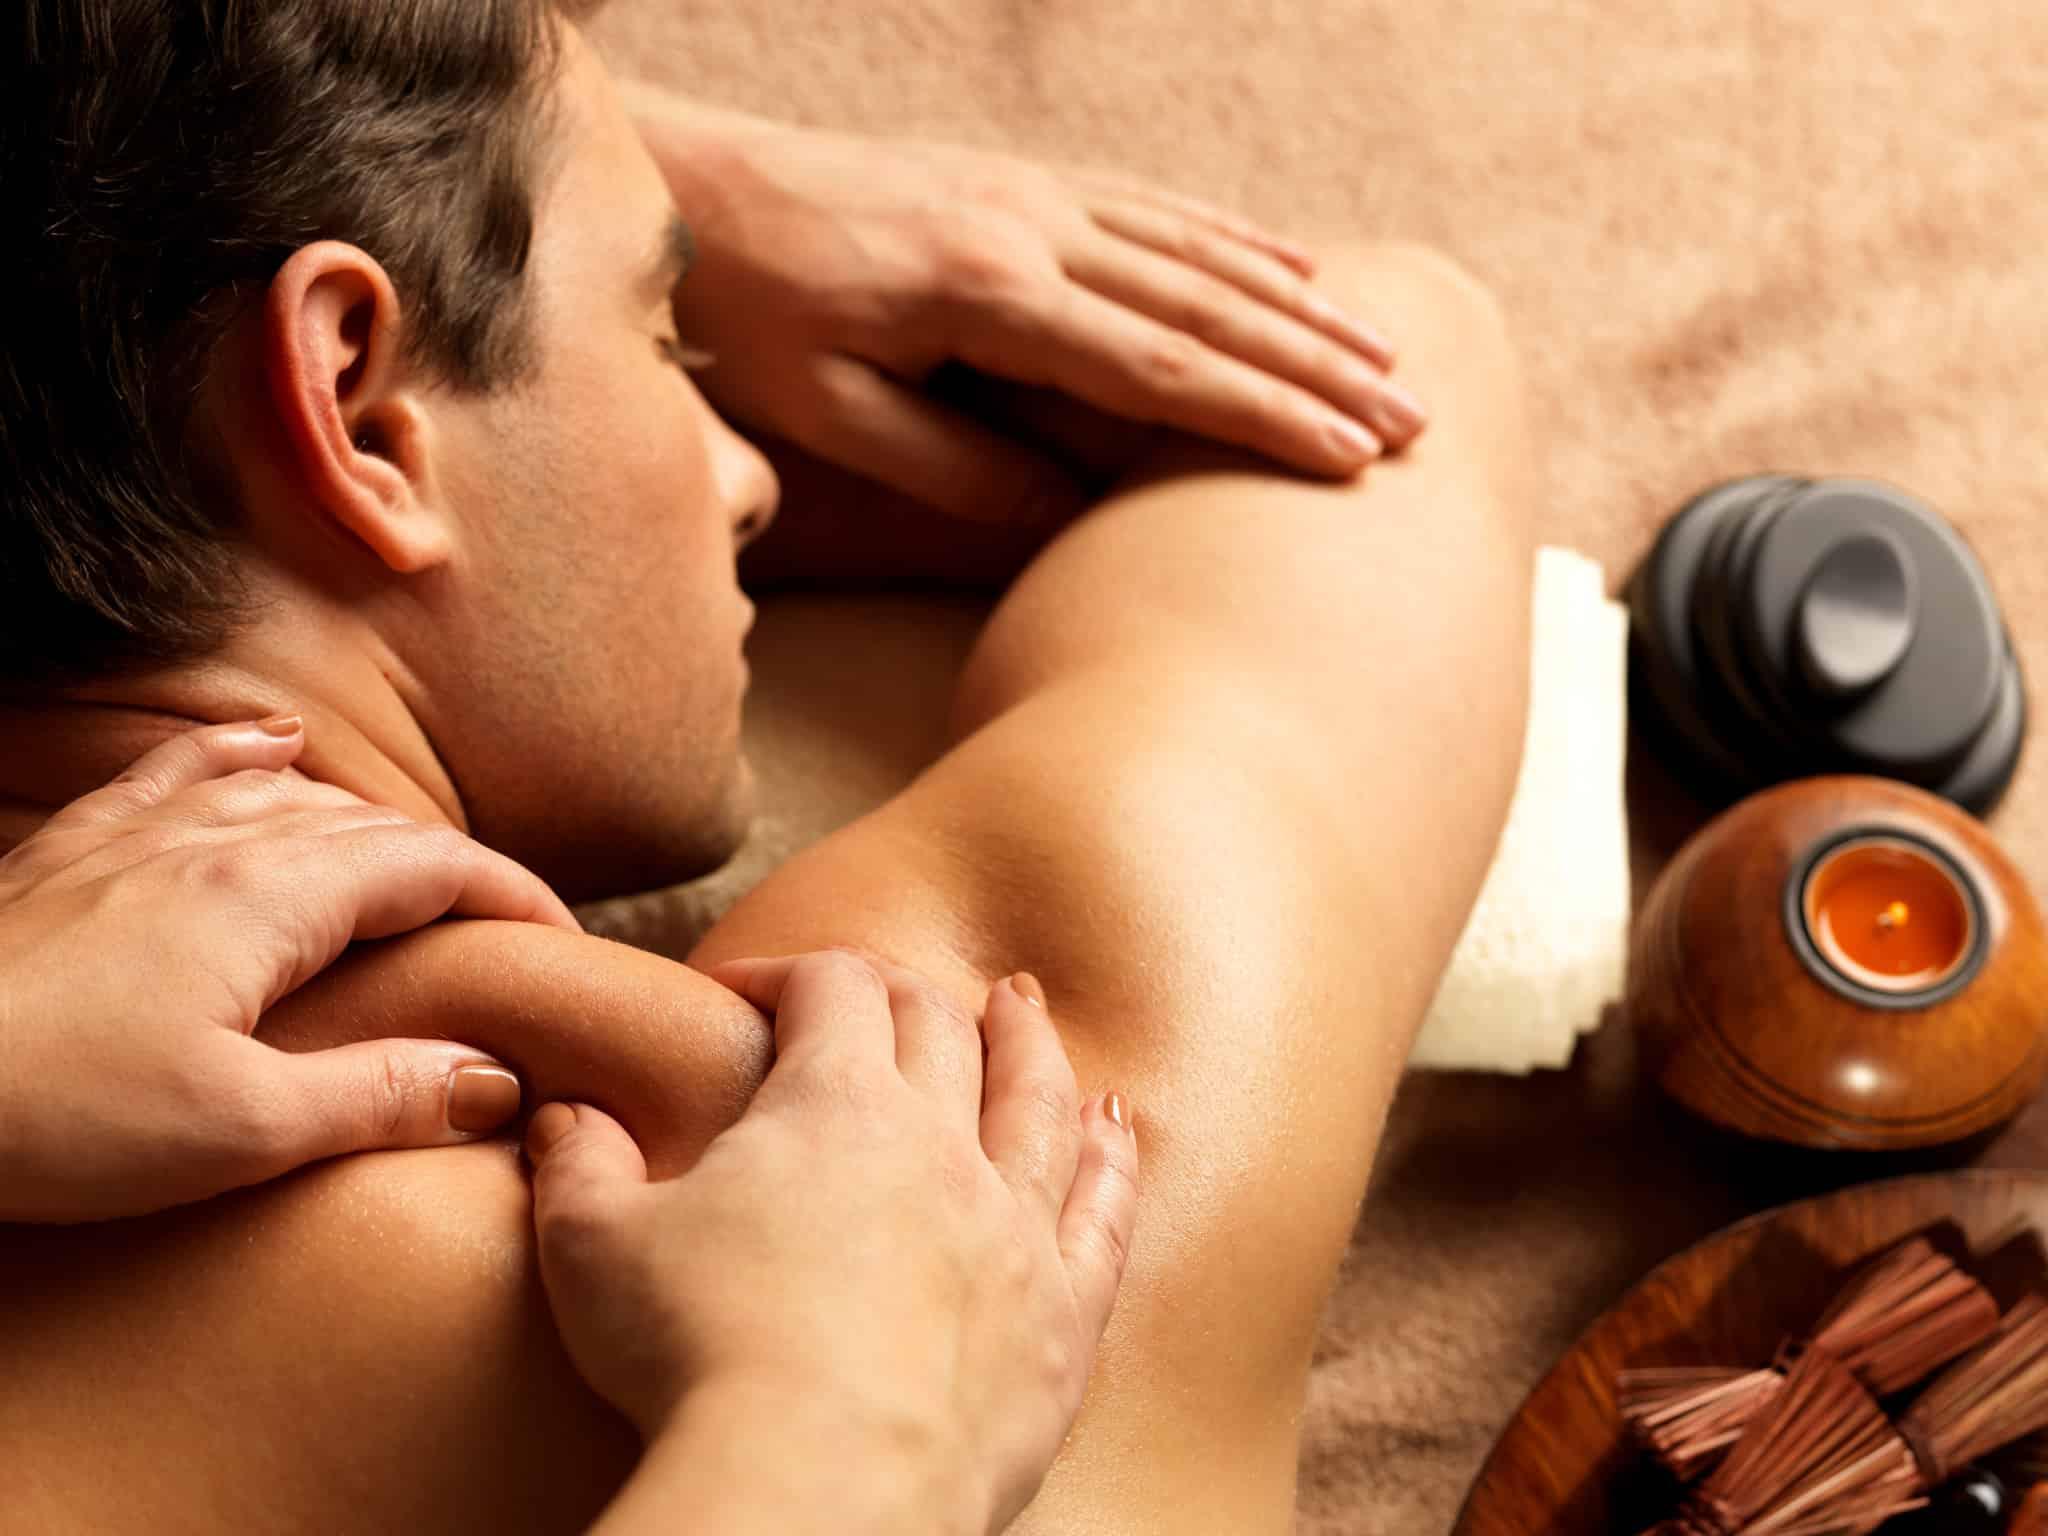 Секс лучшее с массажем, Лучшее порно массаж смотреть онлайн бесплатно 13 фотография